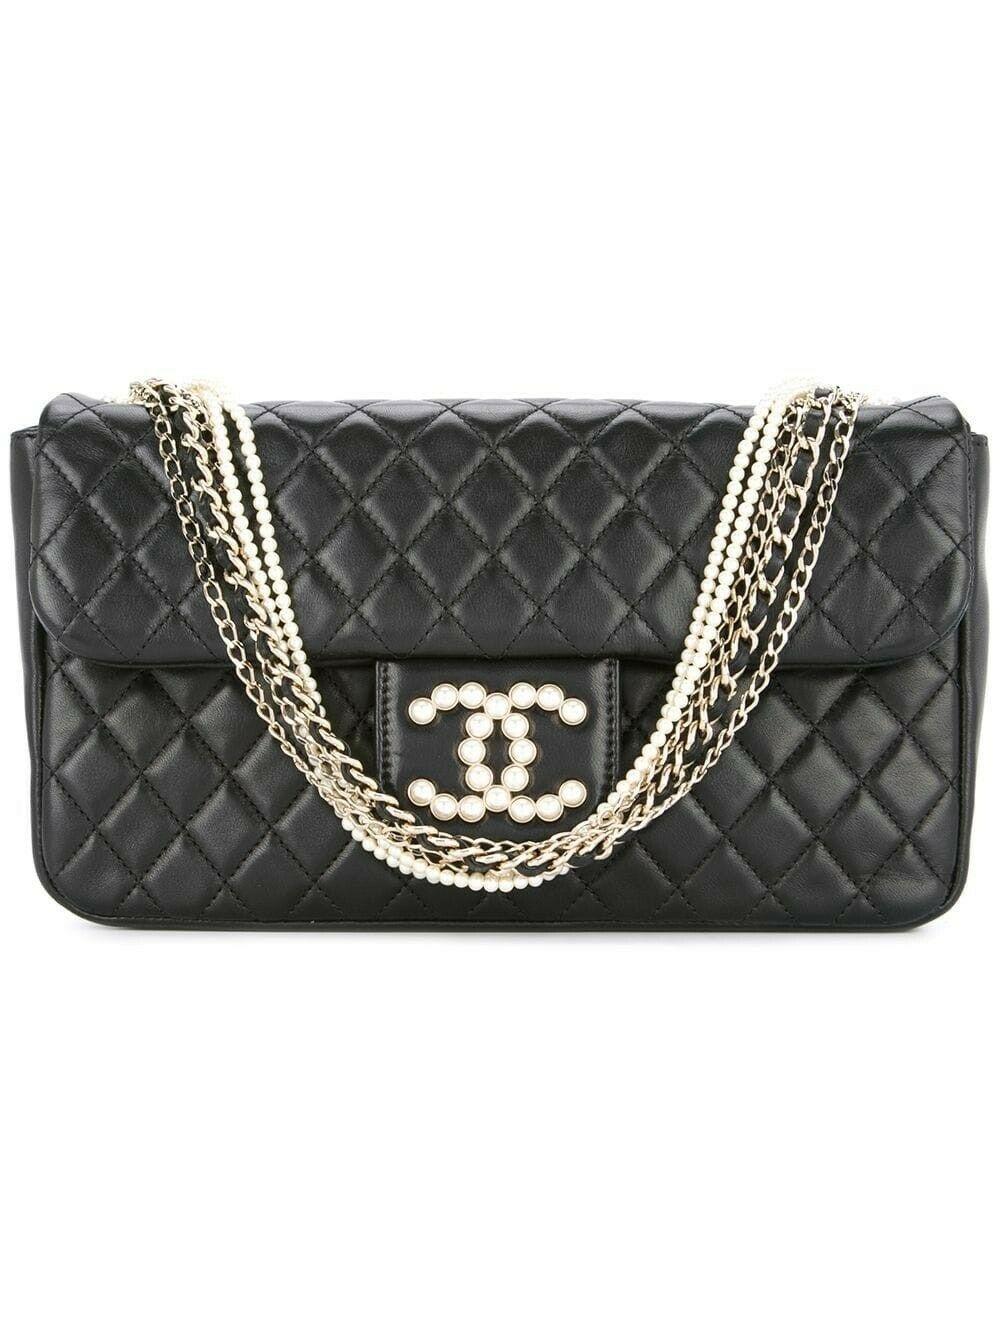 Borse Chanel Vintage Usate.Borsa 10384 Chanel Pre Owned Usata Ricondizionata Chain Shoulder Bag Vegan Leather Shoulder Bag Shoulder Bag